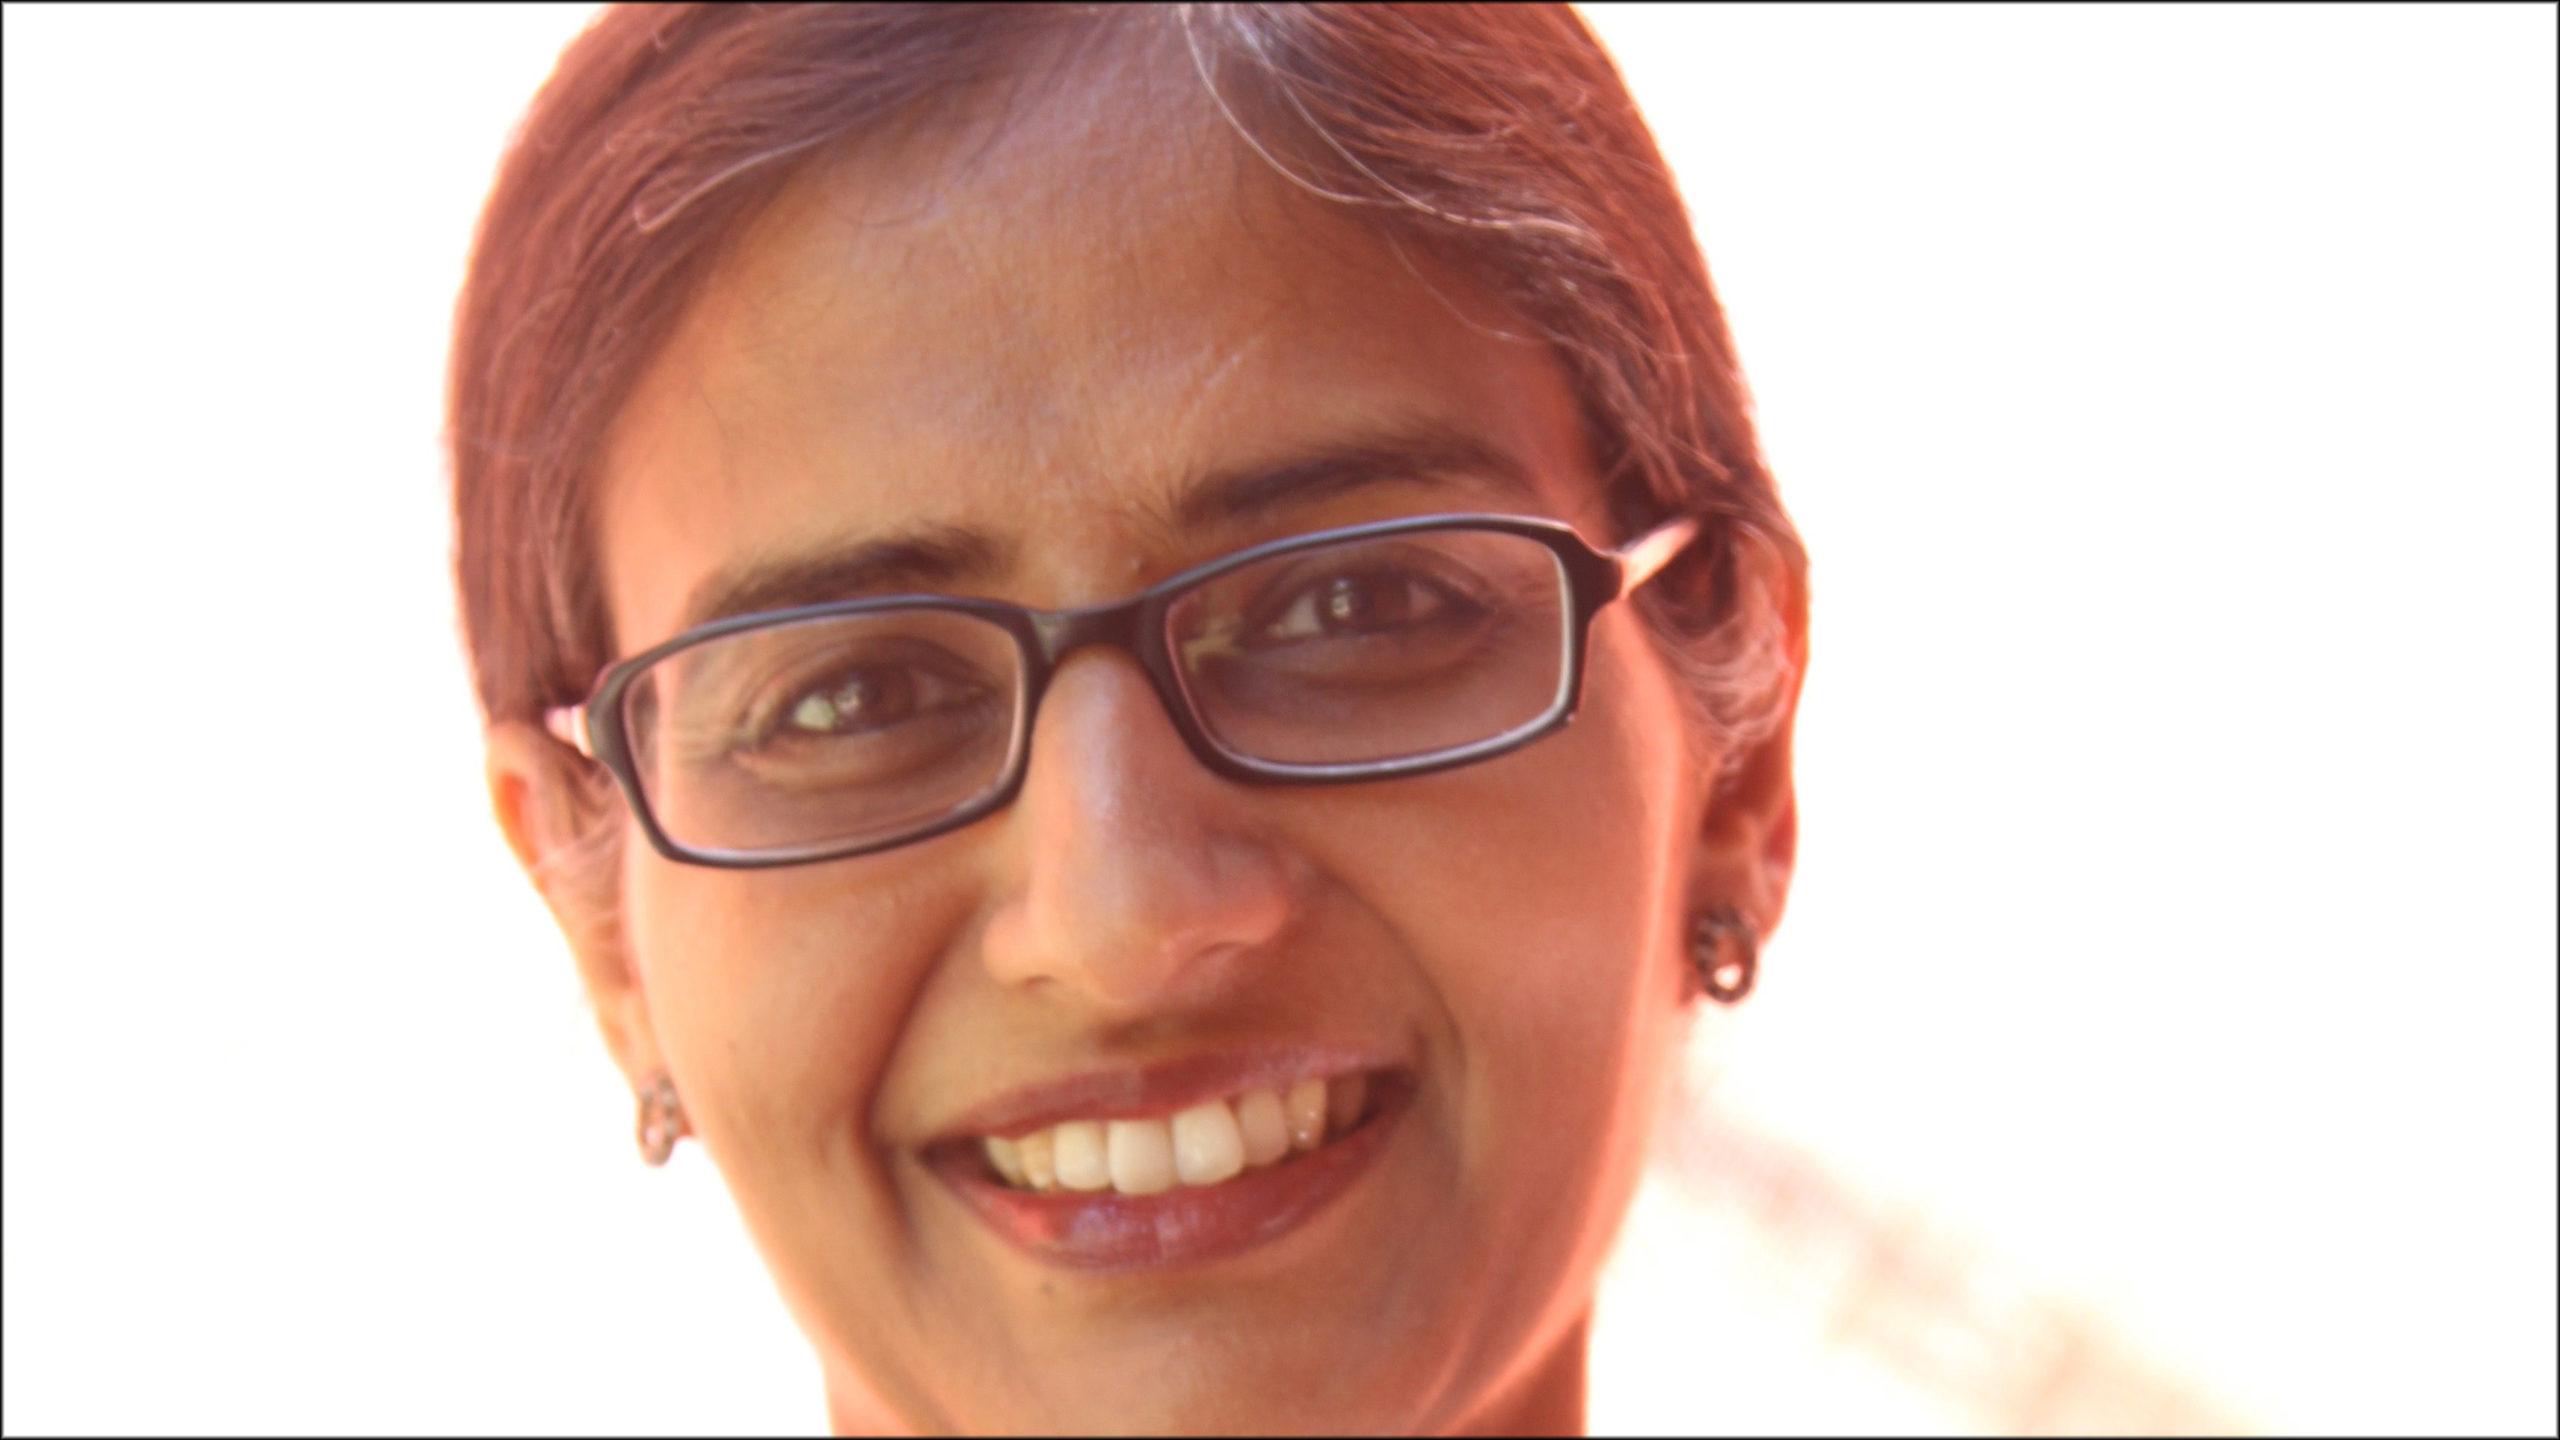 Online dharma talk by Kritee (Kanko), Nov 13